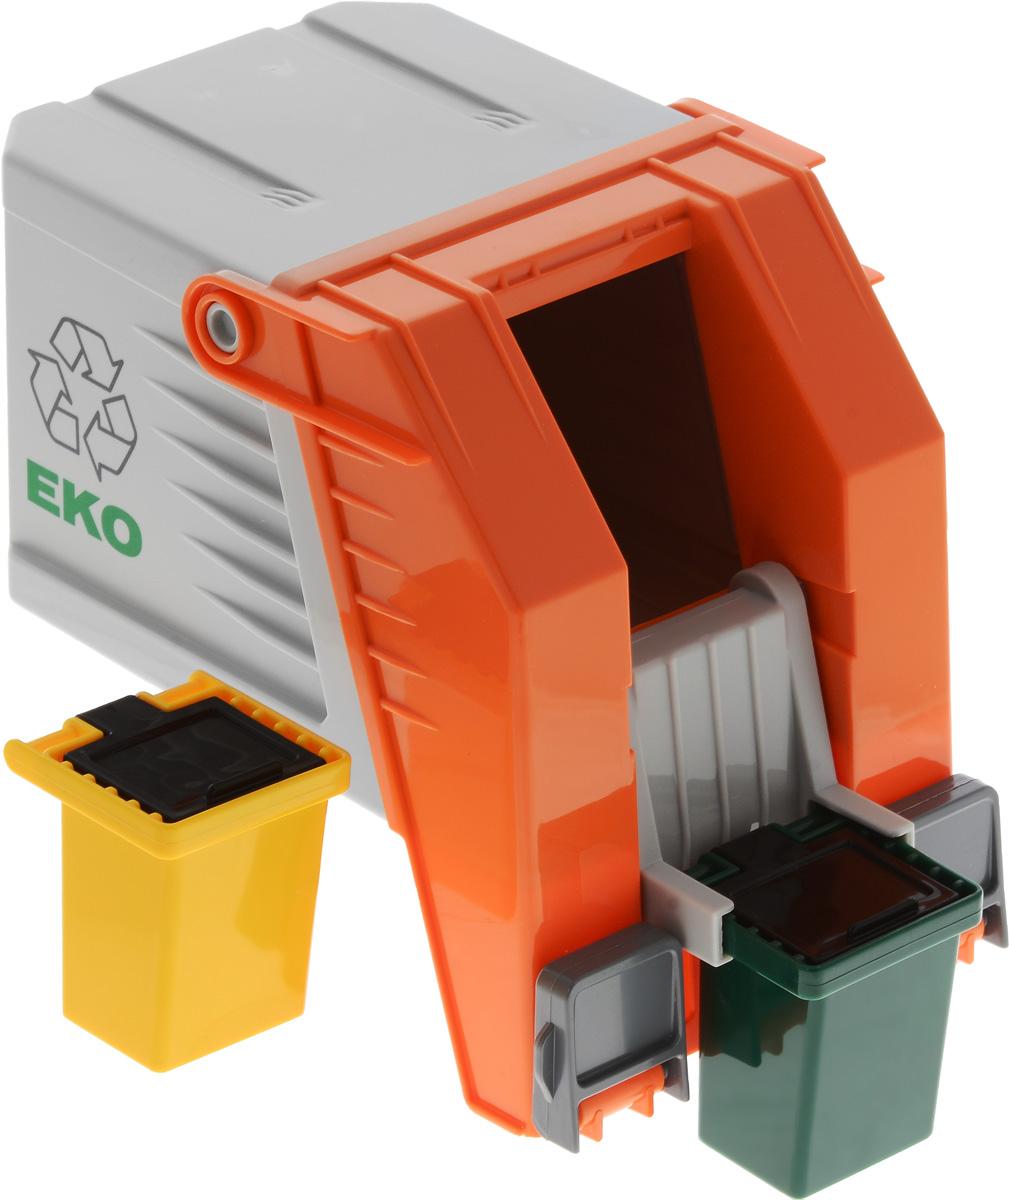 MultiGo Кузов мусоровоза27118Современный кузов мусоровоза MultiGo предлагает 2 варианта опрокидывания и подножки для установки фигурок из мира MultiGo. Два мусорных бака с открывающимися крышками включены в набор. Специальная система MultiGo позволяет детям легко менять и добавлять различные игровые аксессуары. Одна игрушка легко преобразуется в другую. Основание грузовиков является базой, на которую могут крепиться различные игровые элементы.